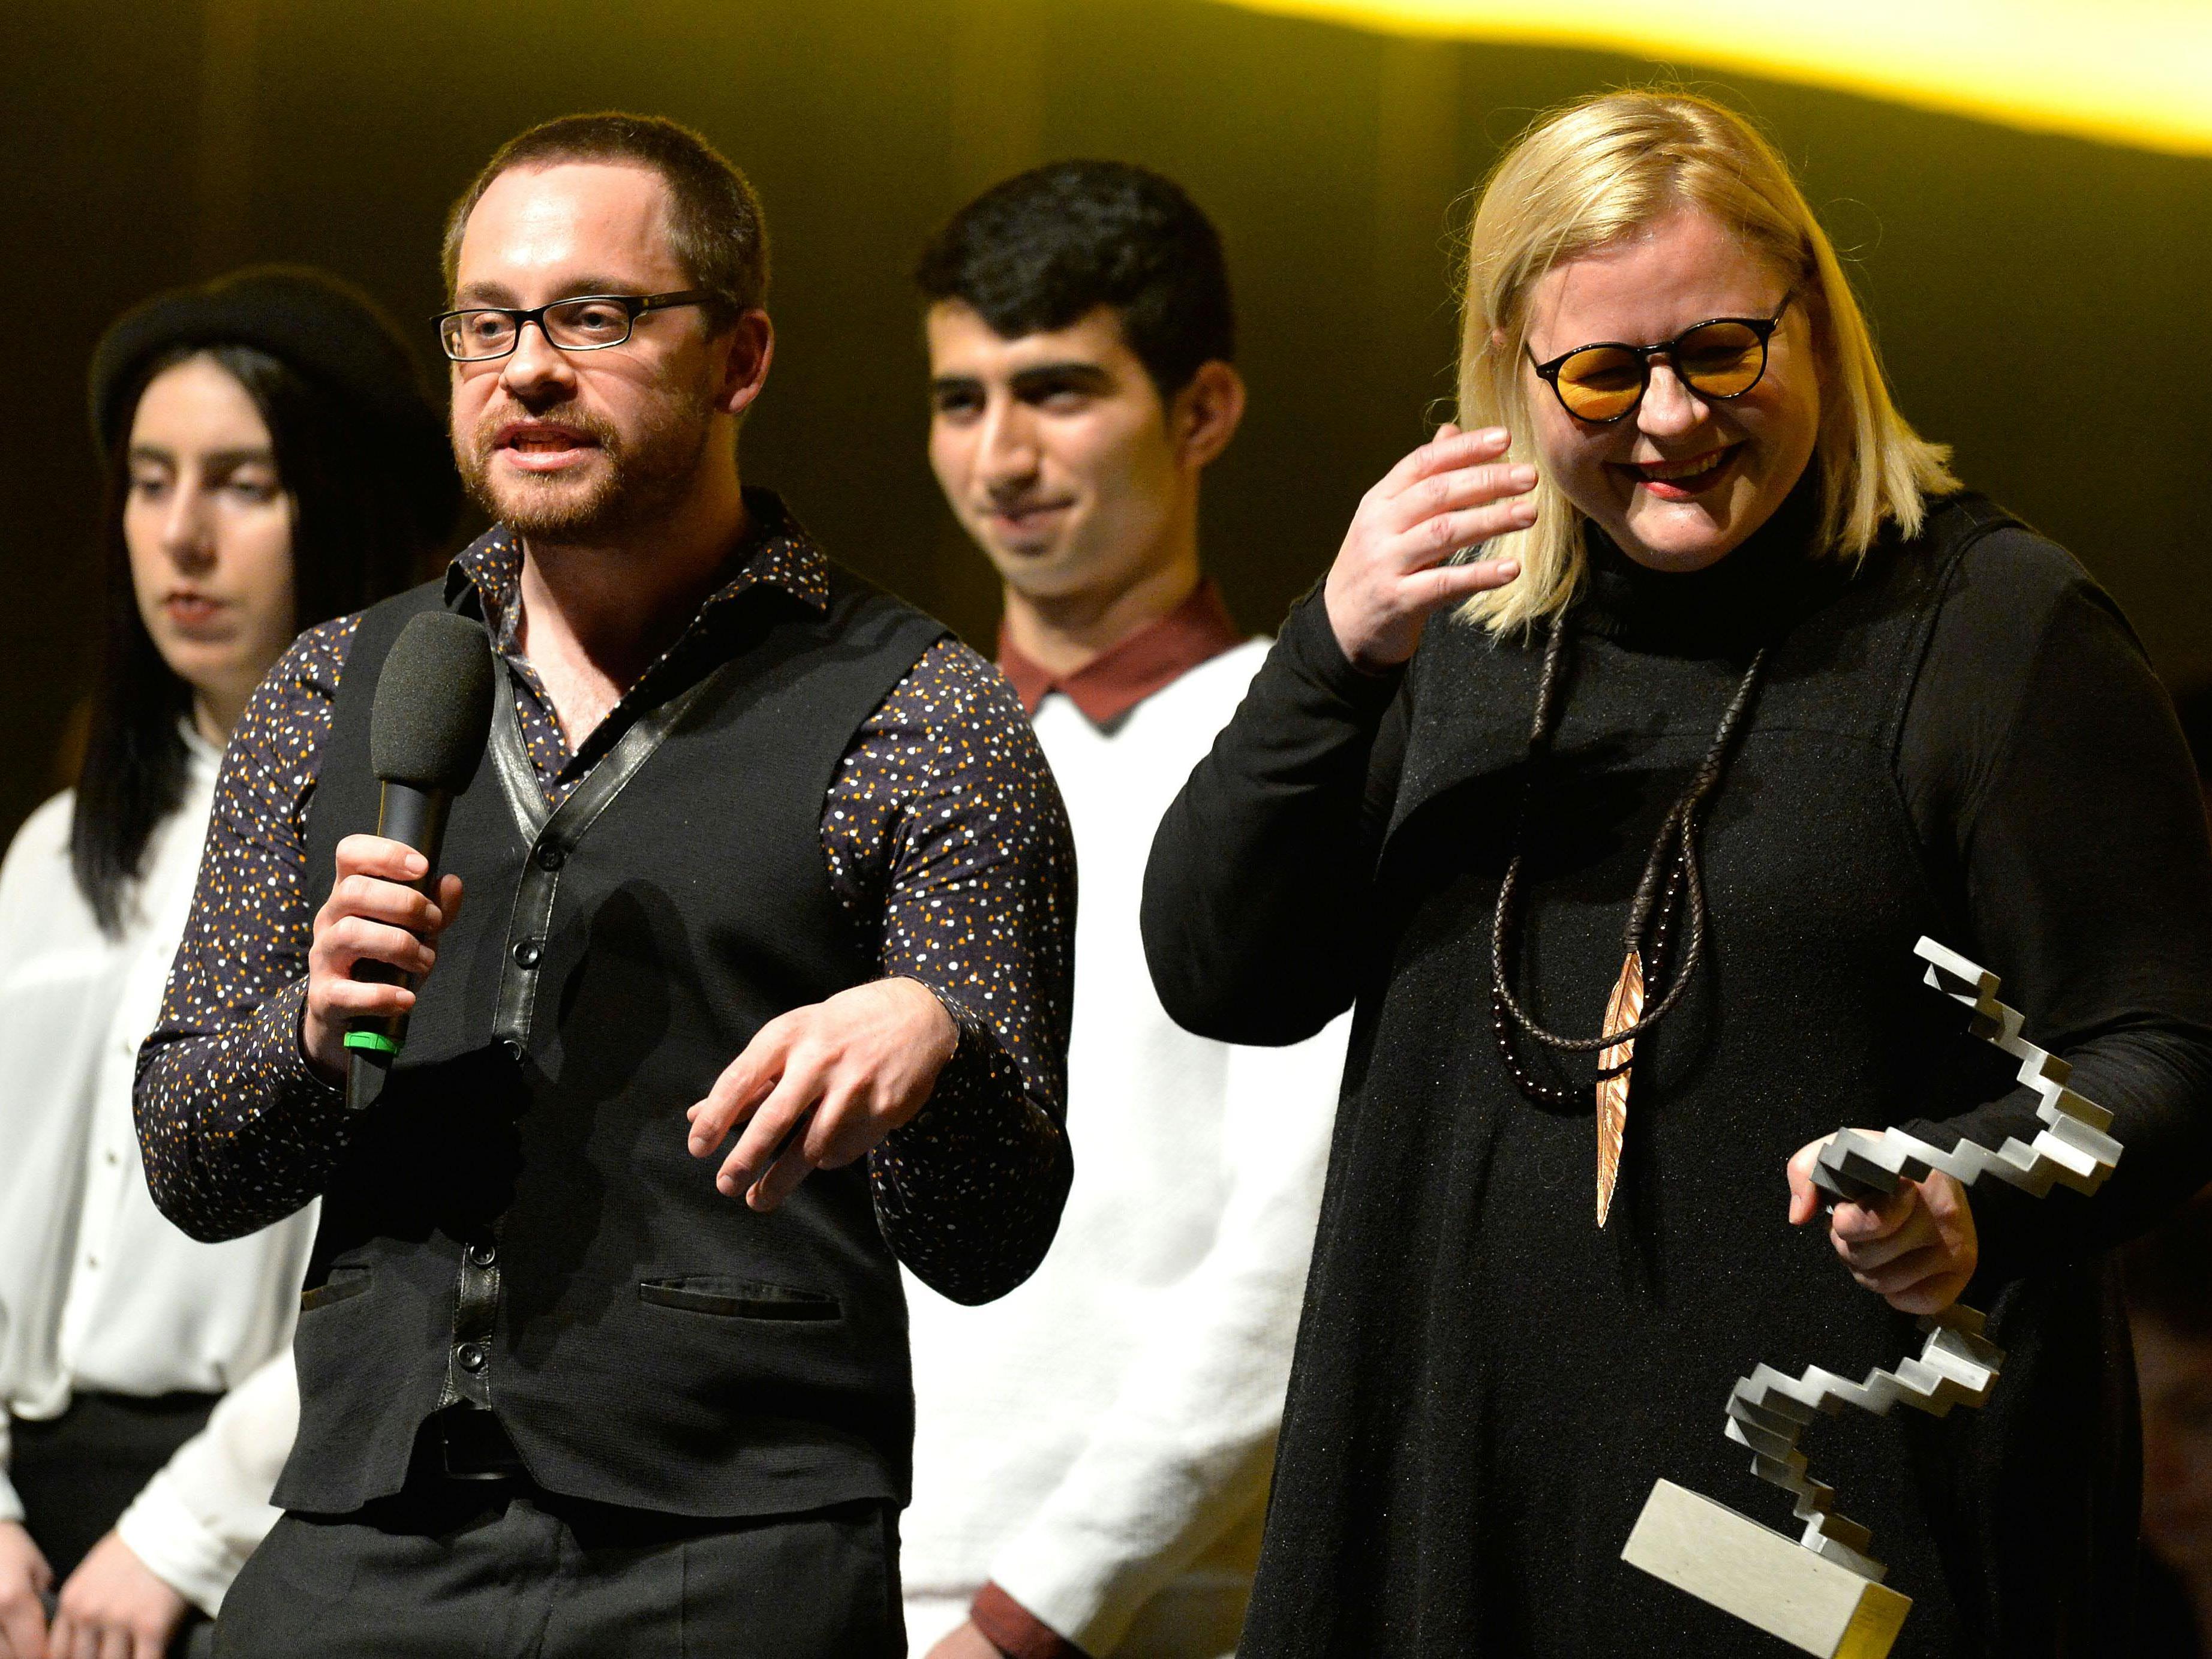 """Sechsfach nominierter Horrorfilm """"Ich seh Ich seh"""" holte fünf Preise."""